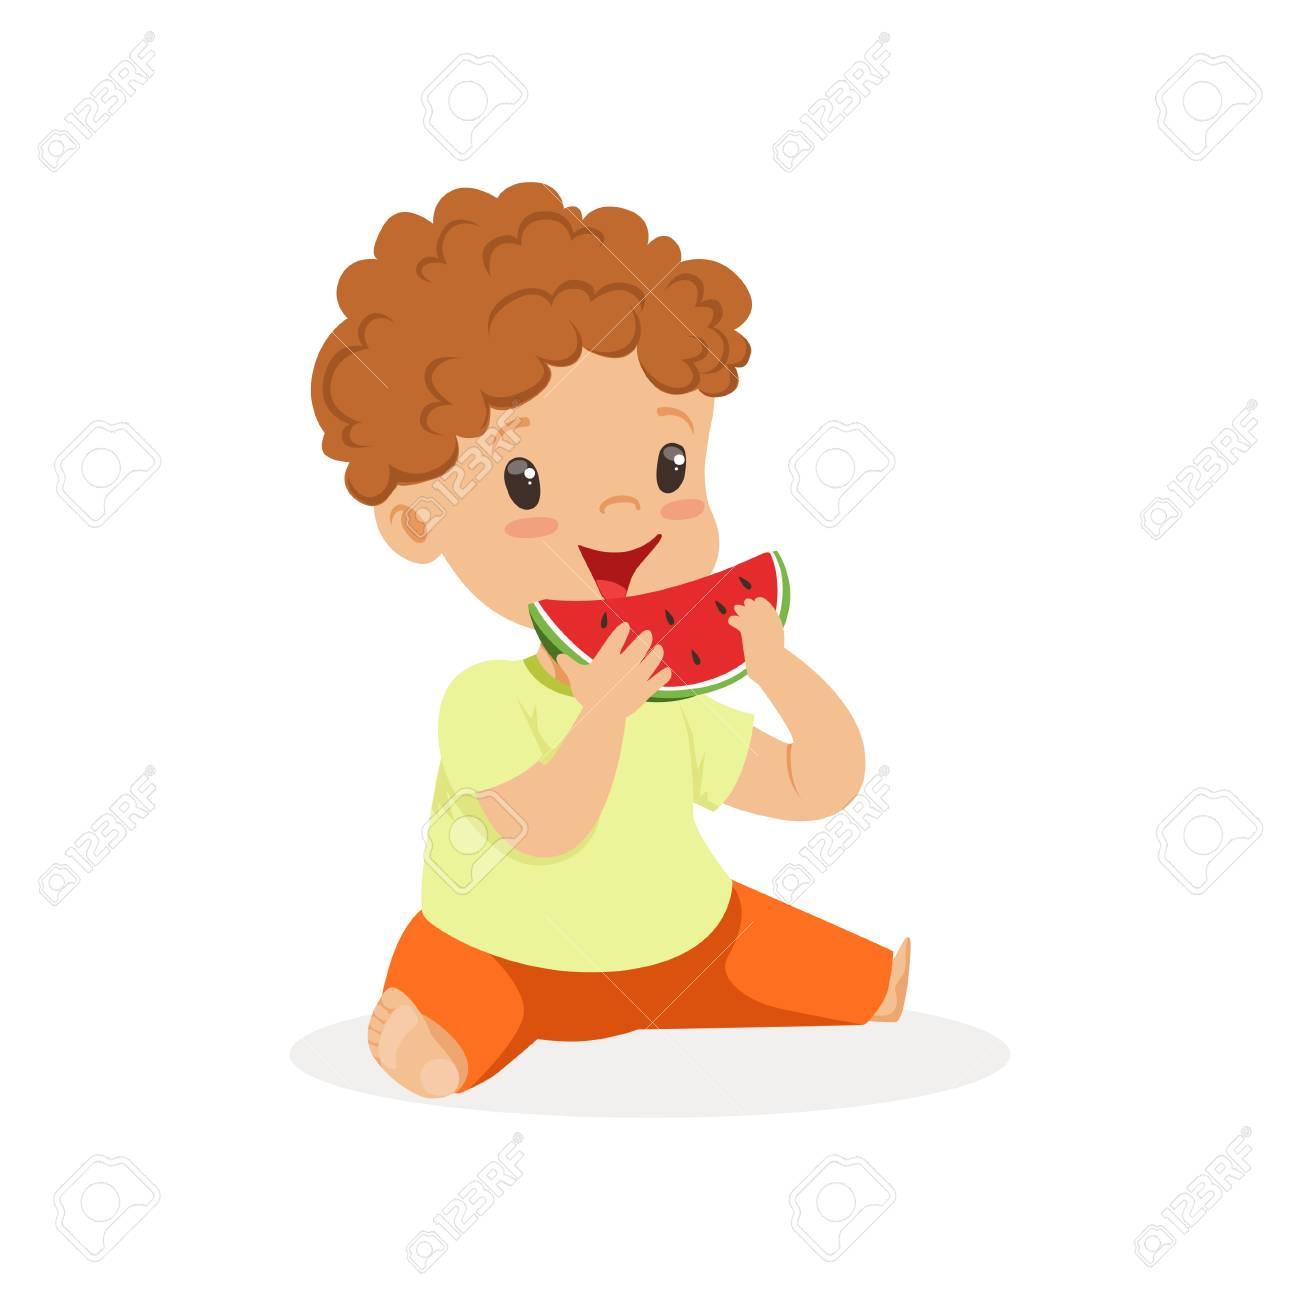 Mignon Petit Personnage De Garçon Rousse Appréciant Manger Vecteur